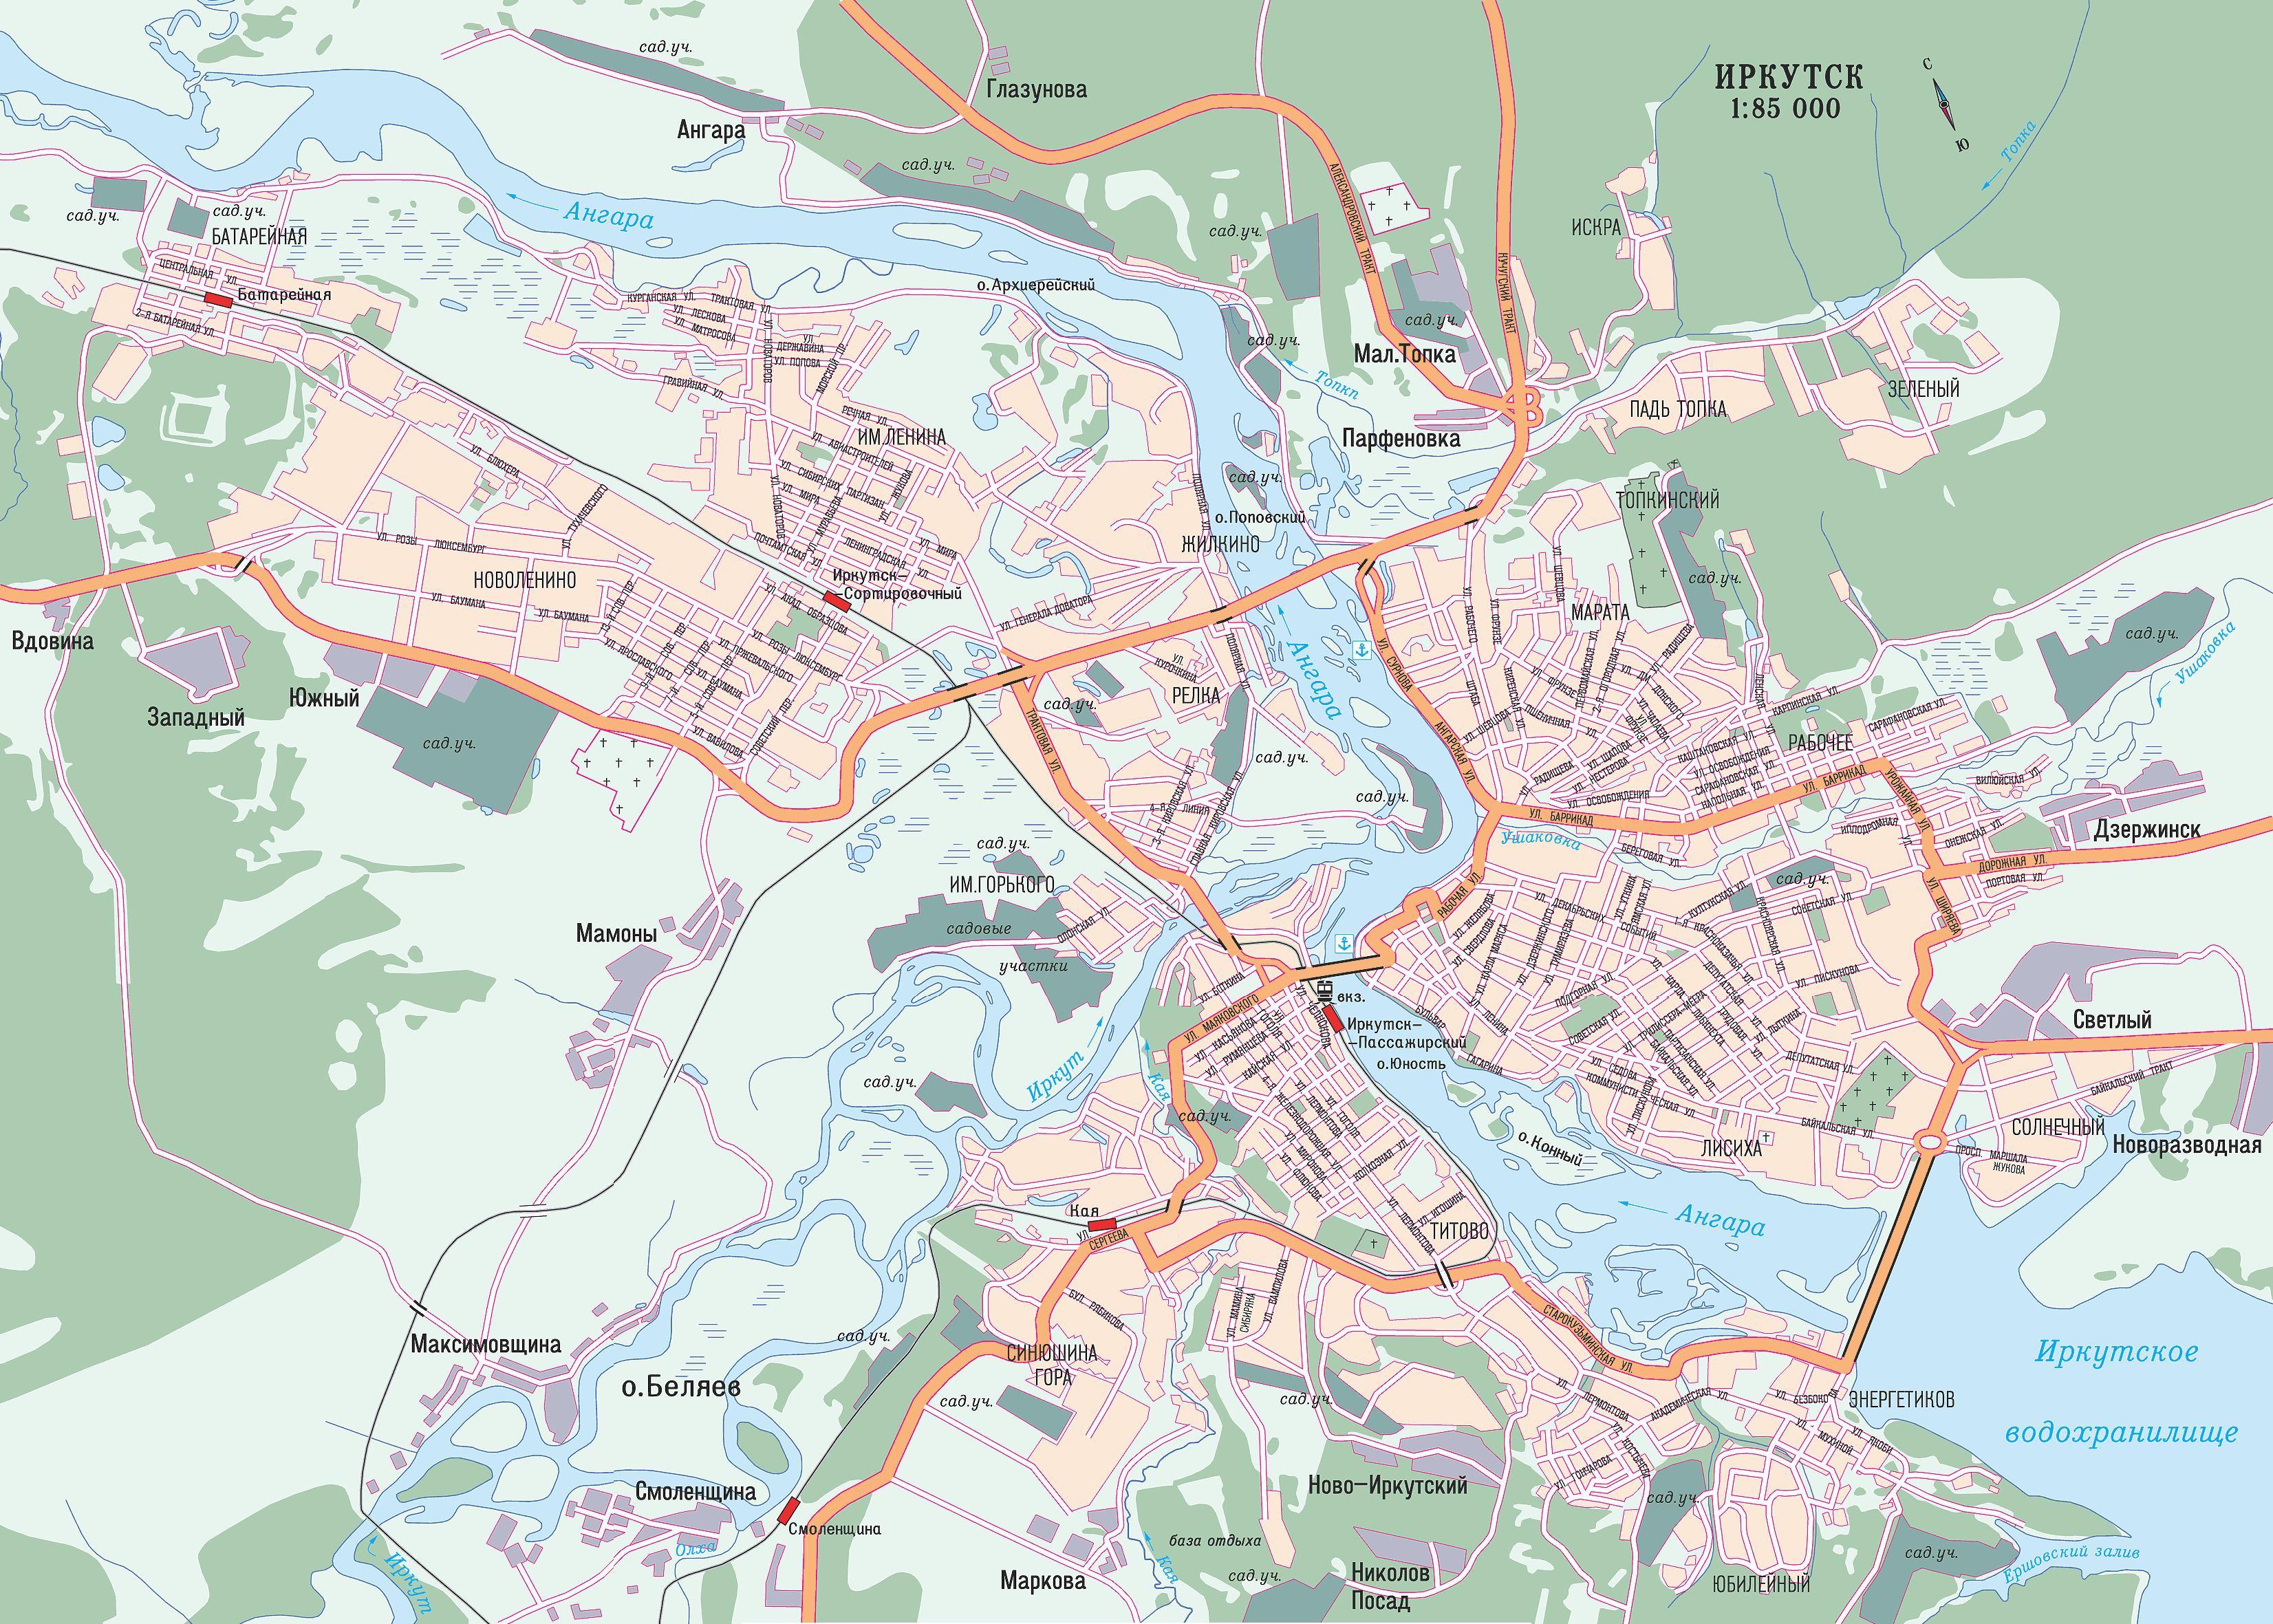 карта - схема усольского района иркутской области